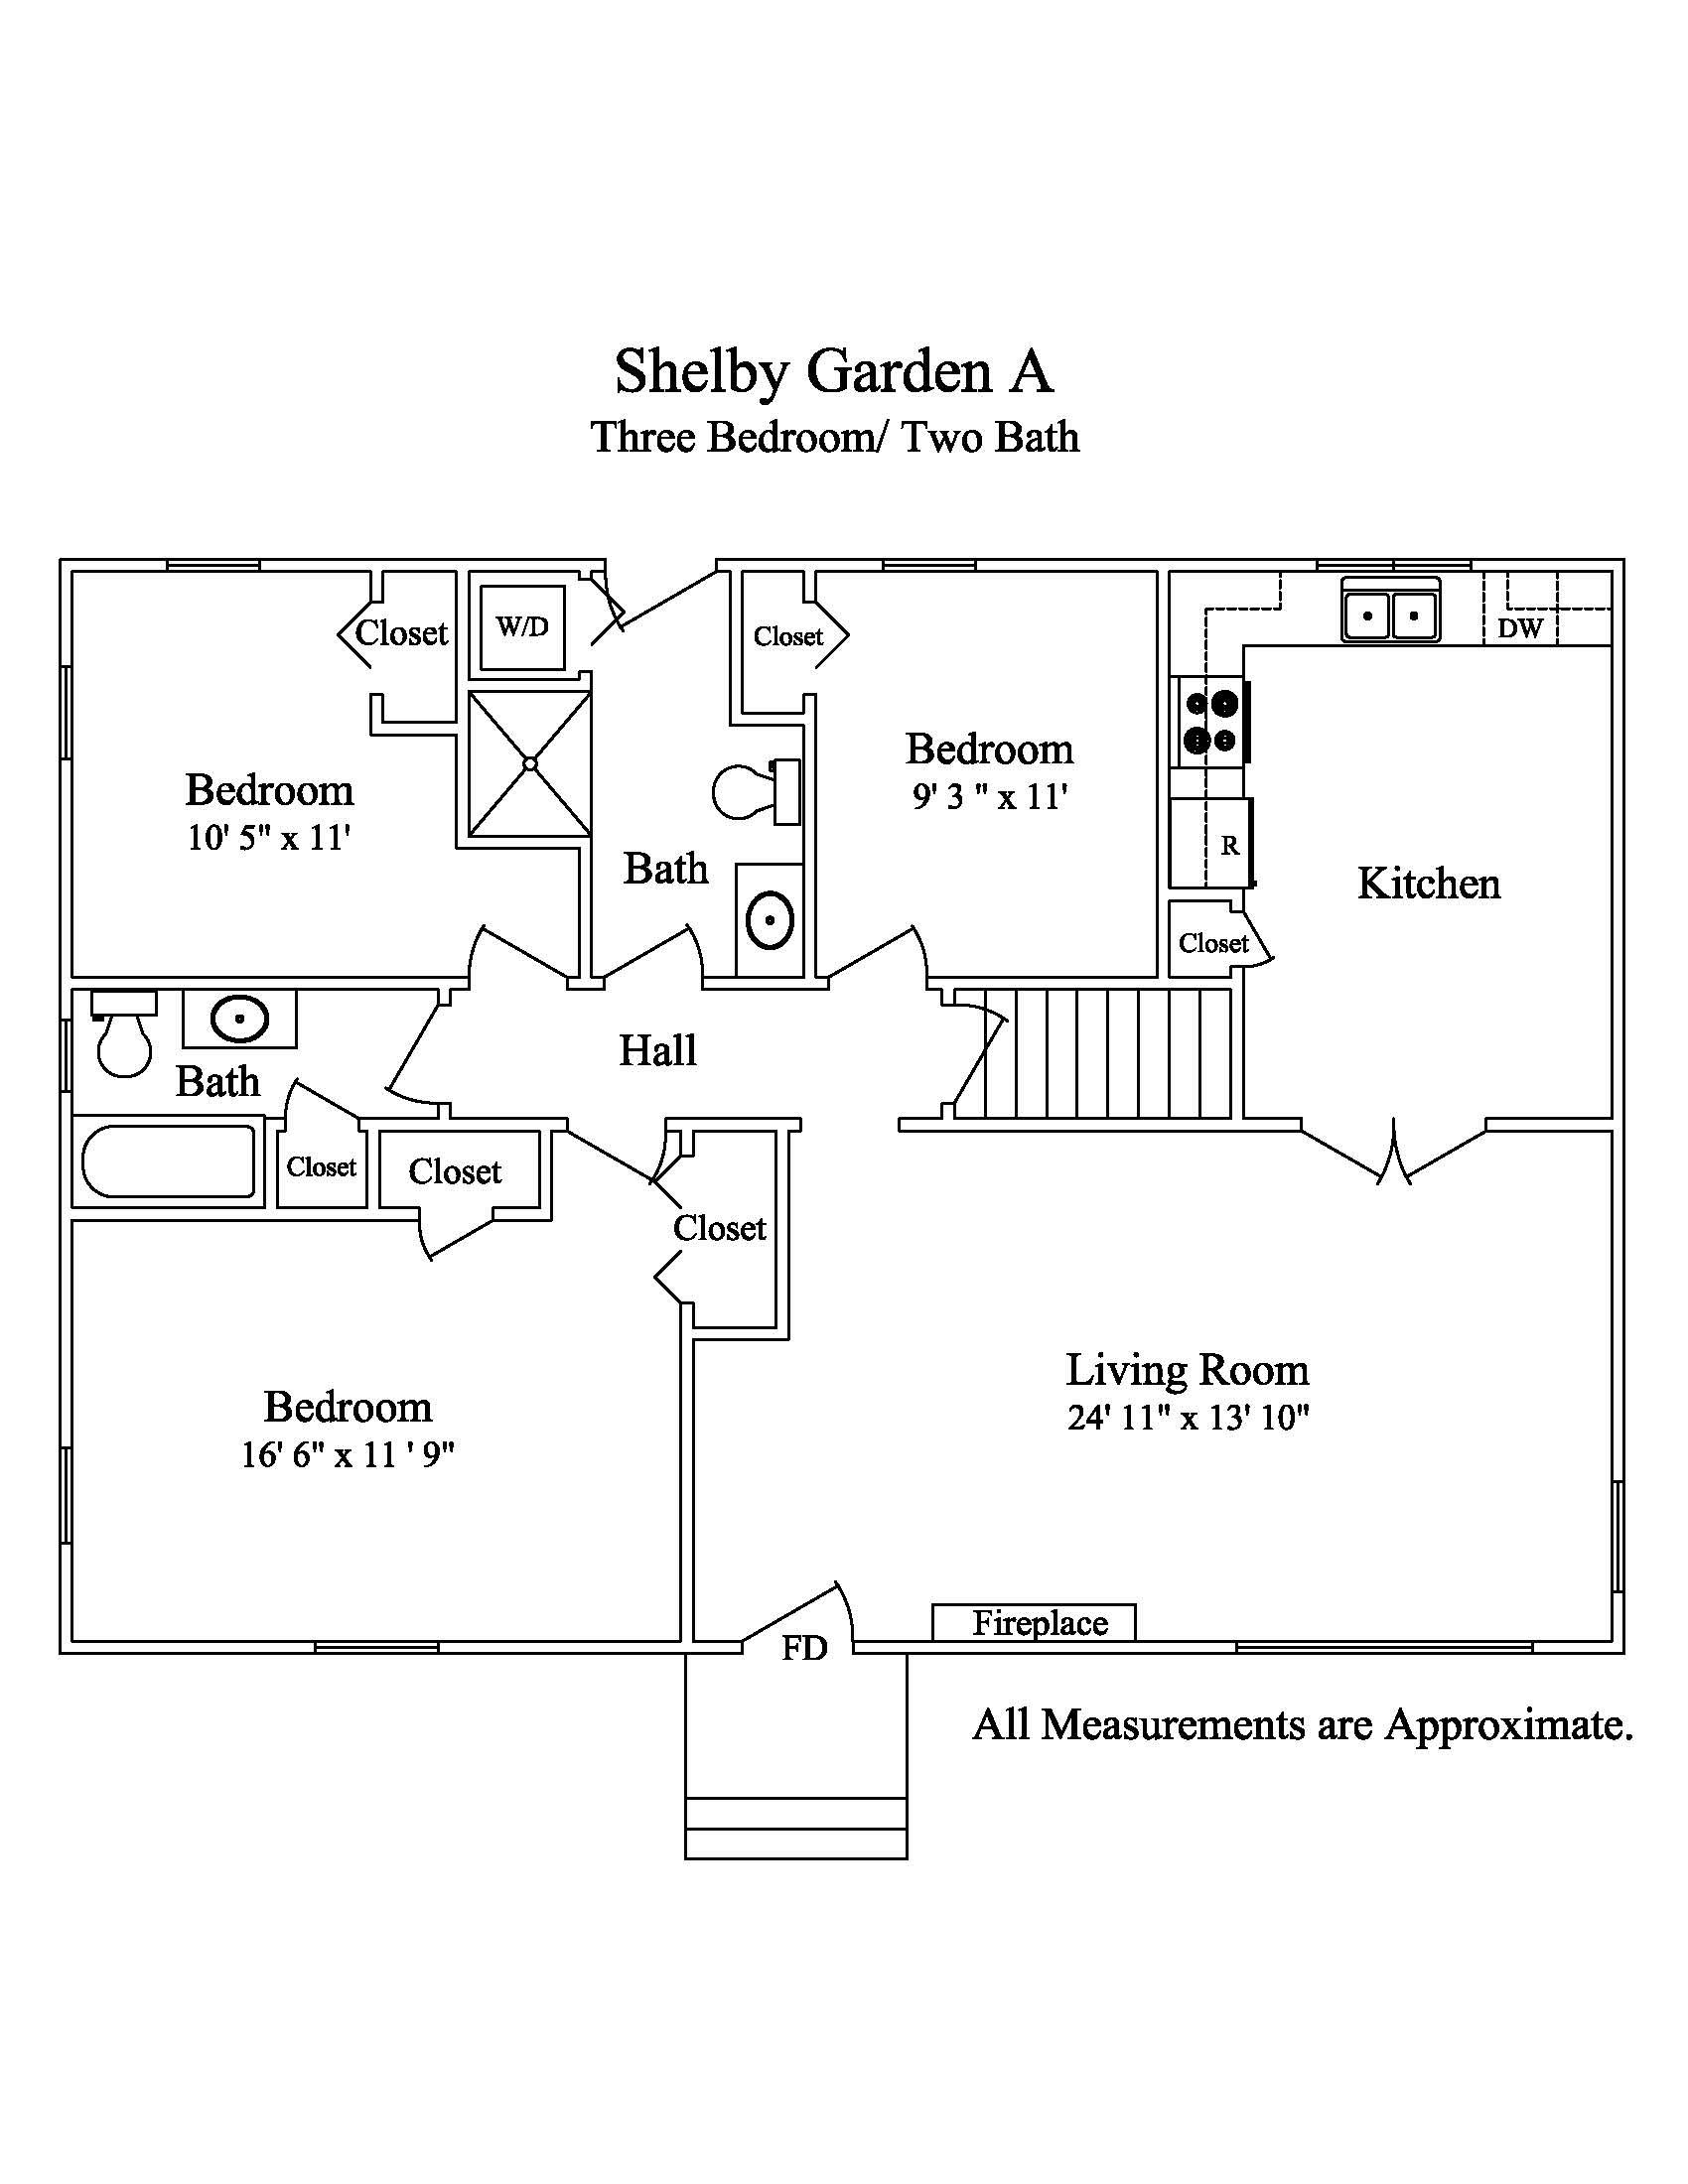 Shelby garden townhouse a holton mountain rentals - Craigslist michiana farm and garden ...